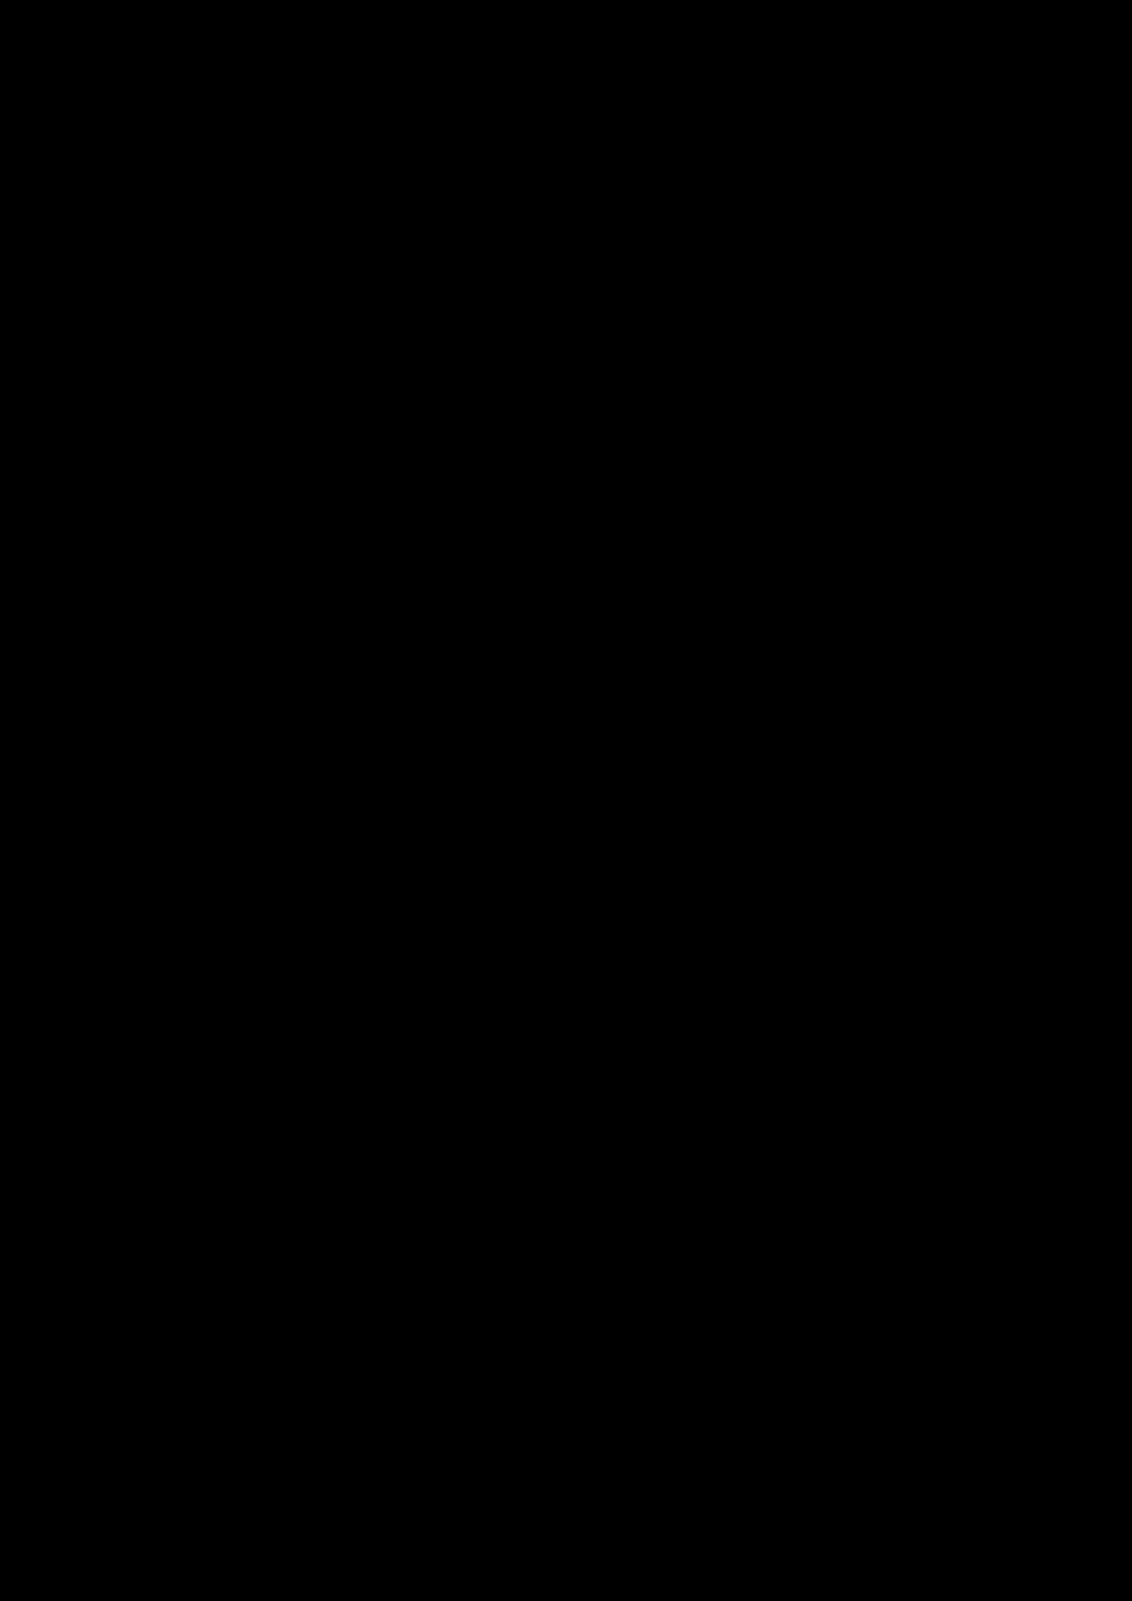 Serdtse slide, Image 37